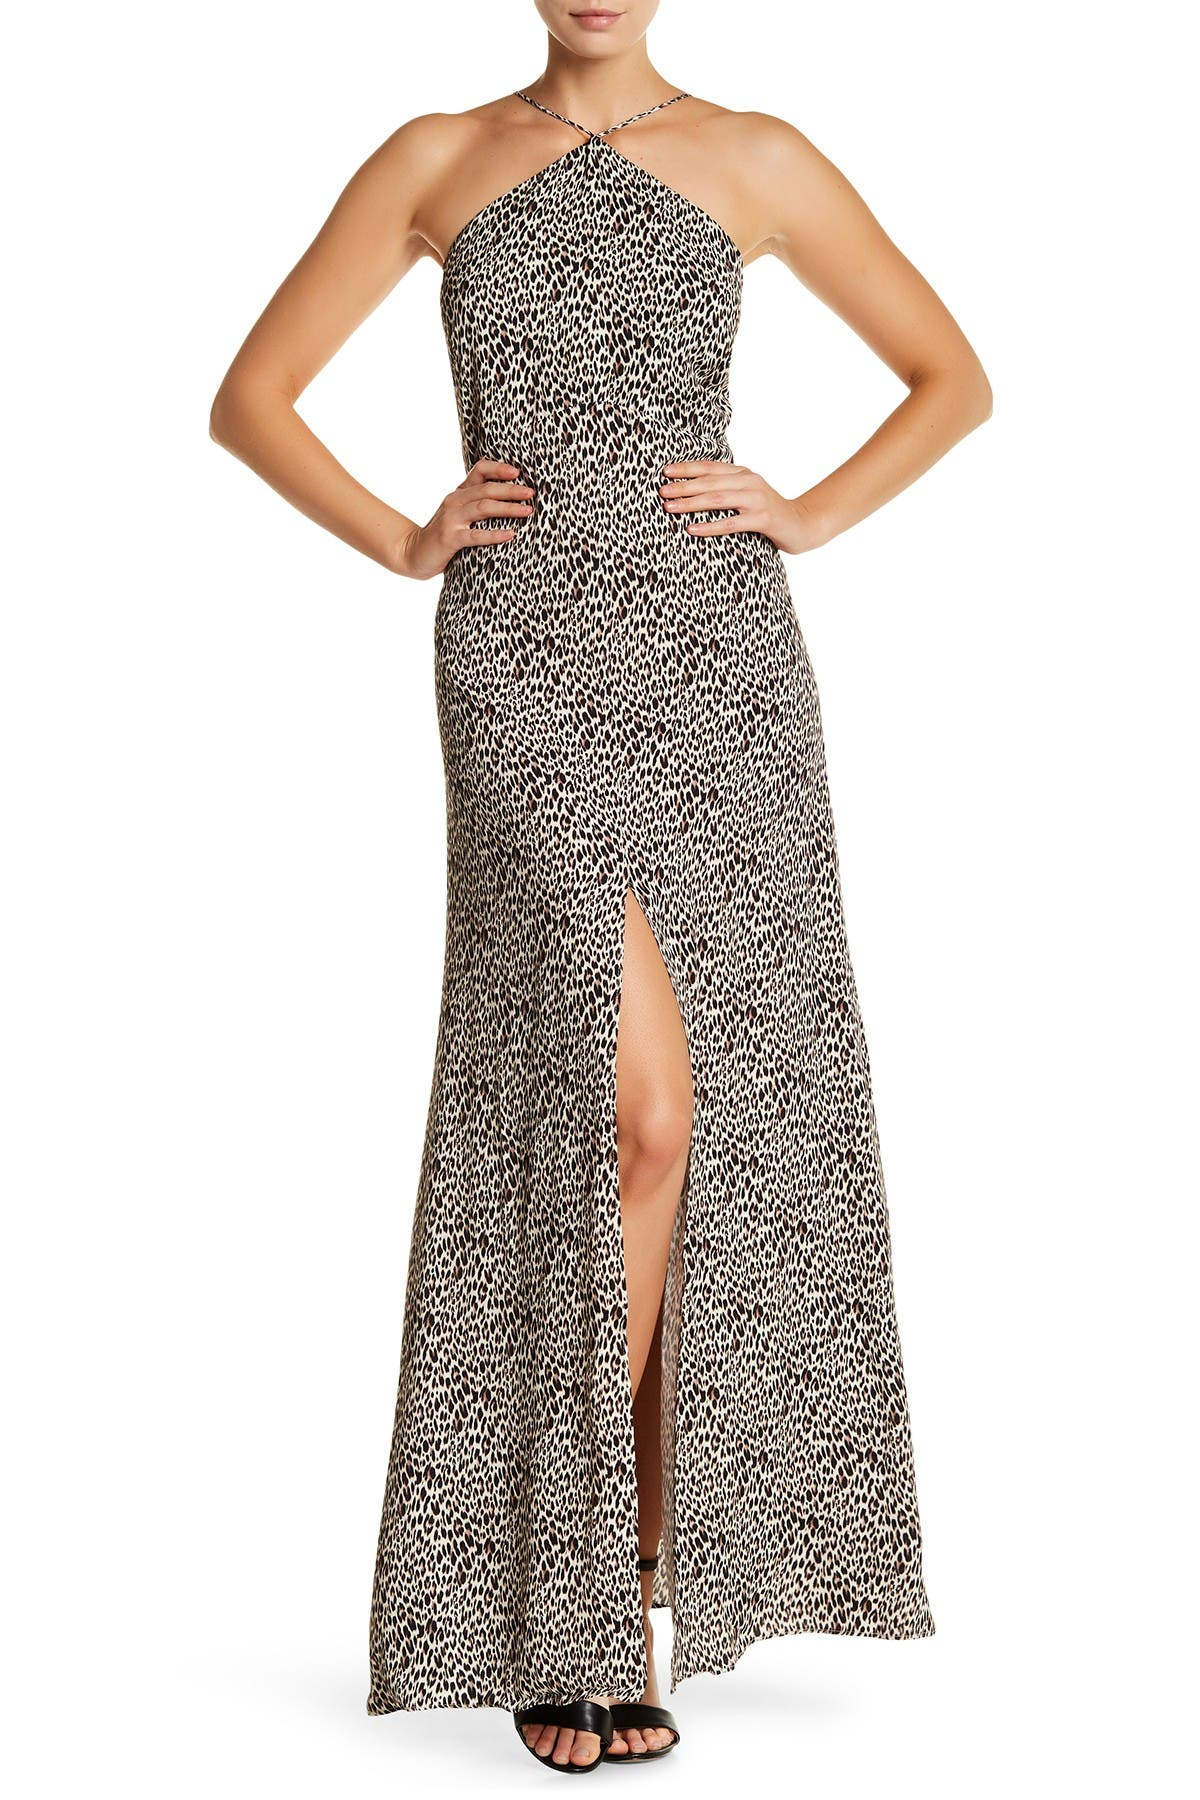 Image of Arrive Halter Open Back Maxi Dress